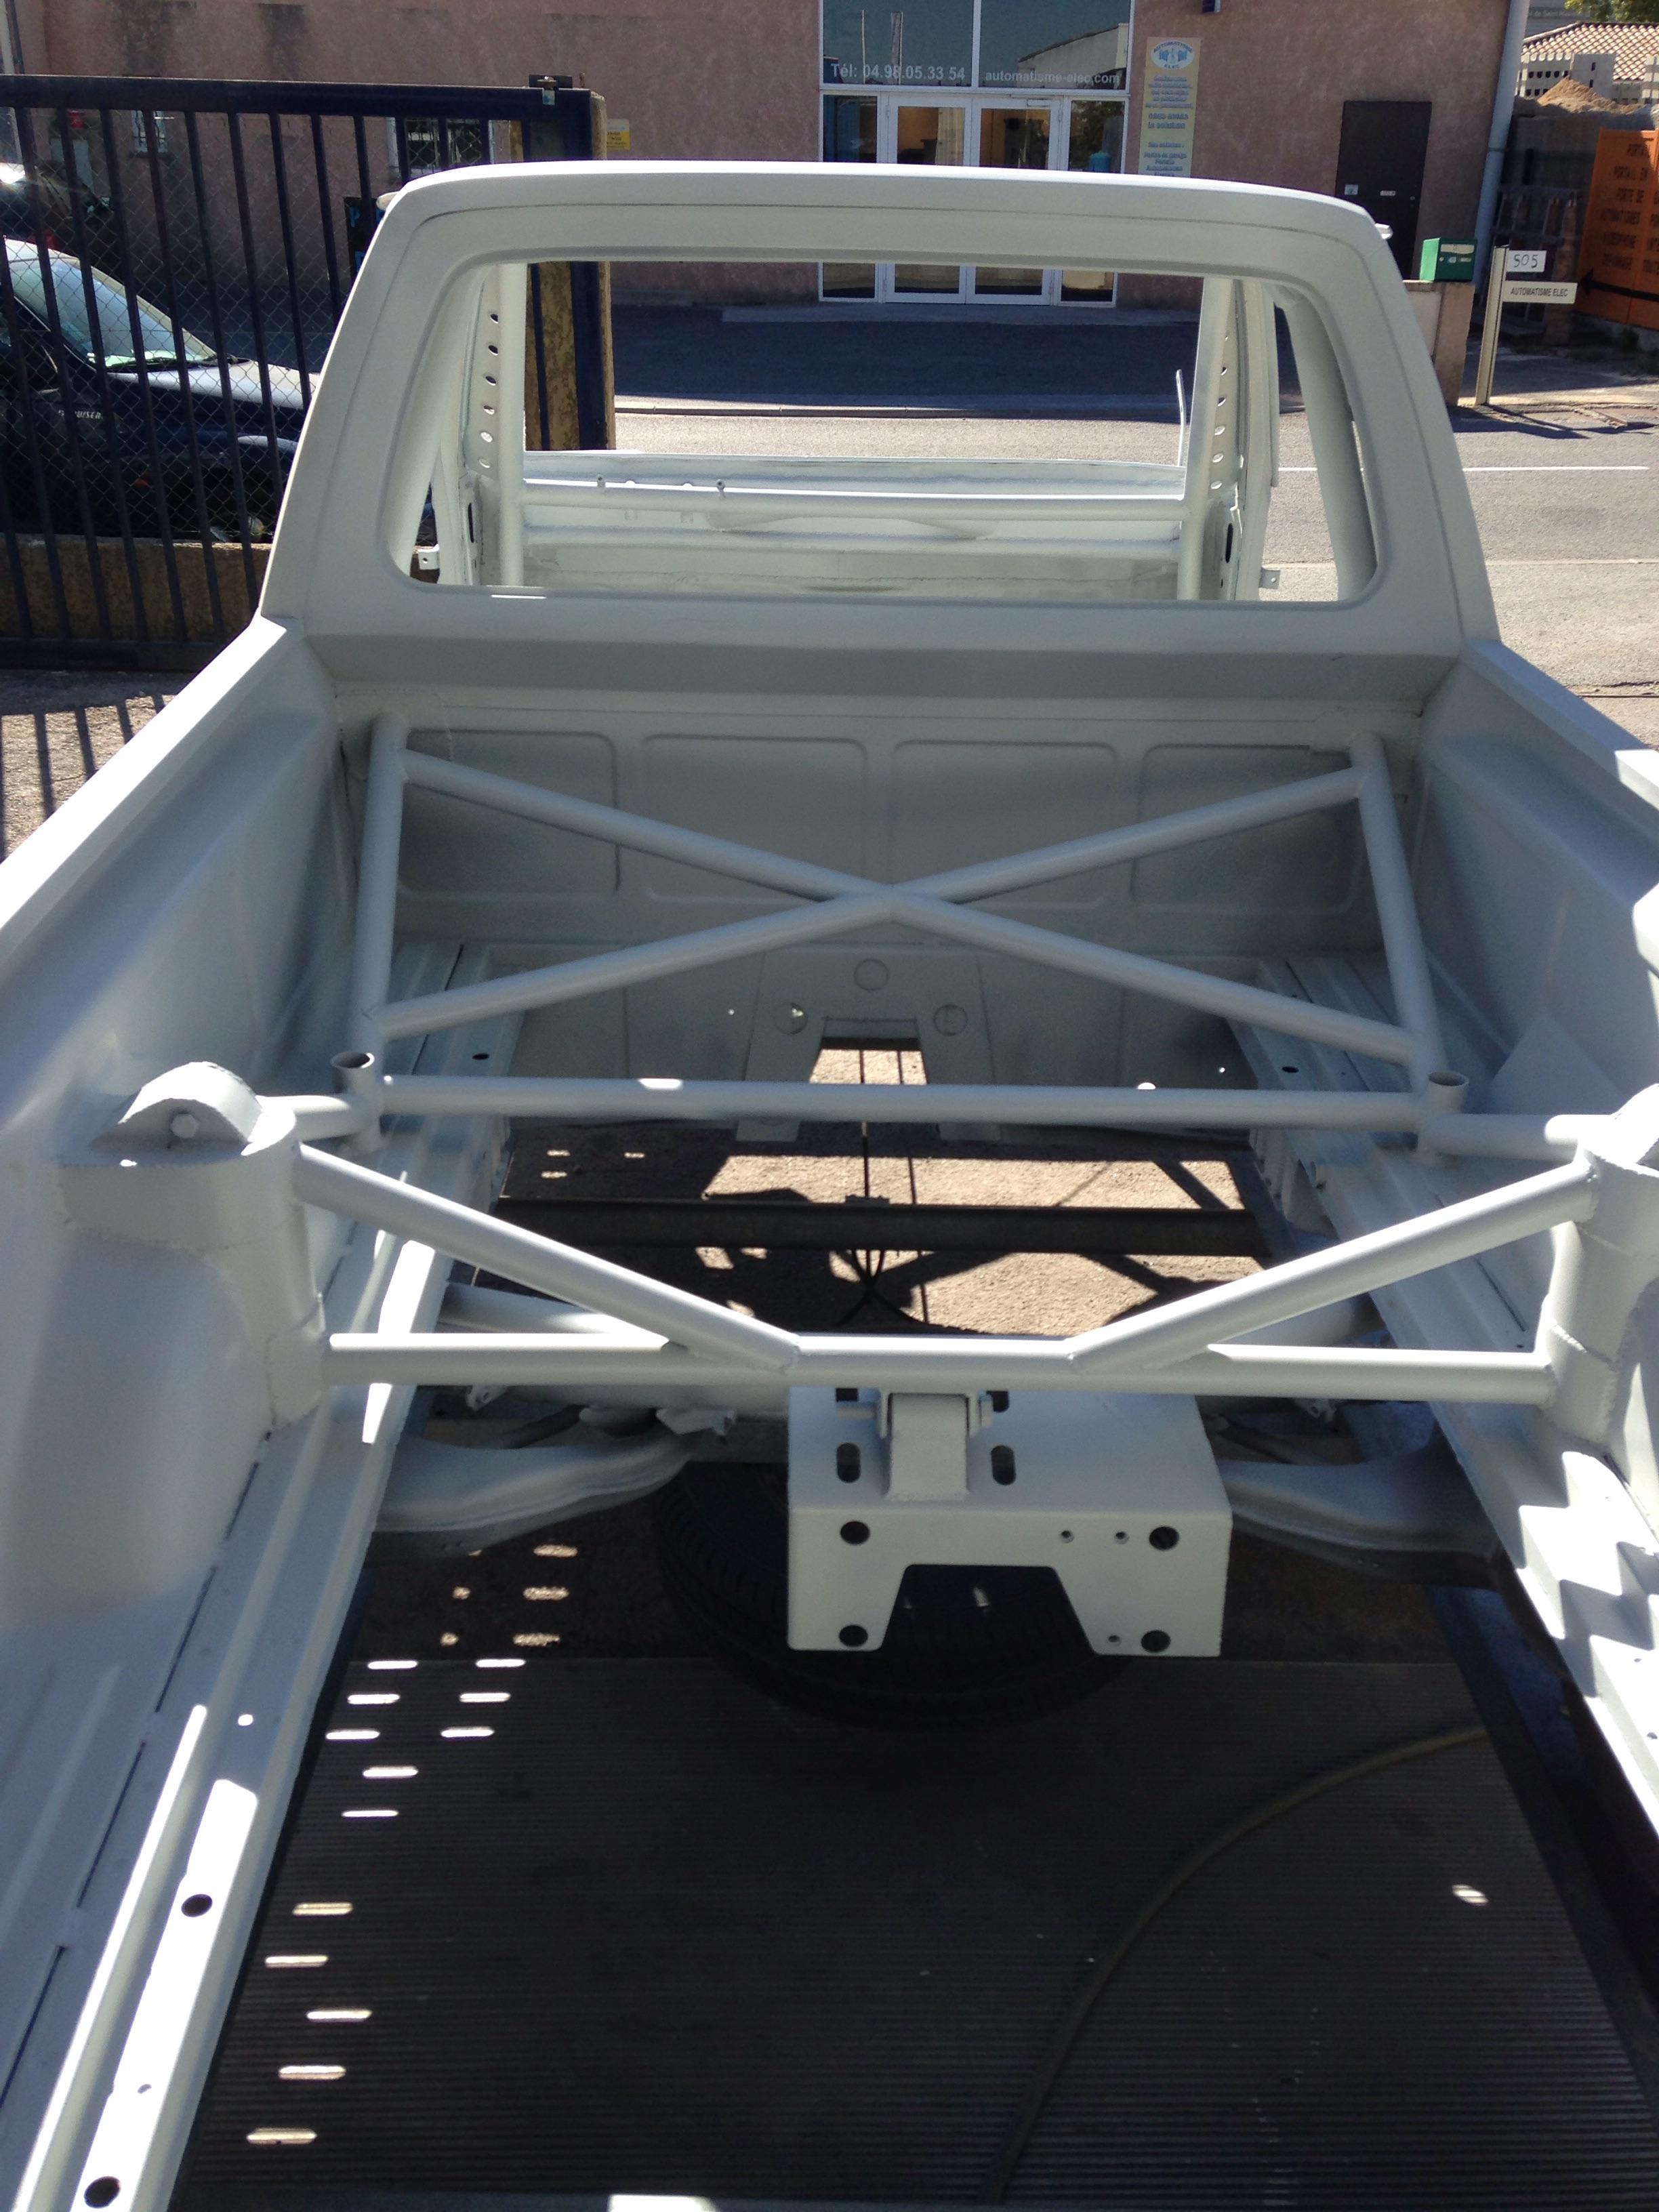 mon caddy quattro - Page 18 93M3zS